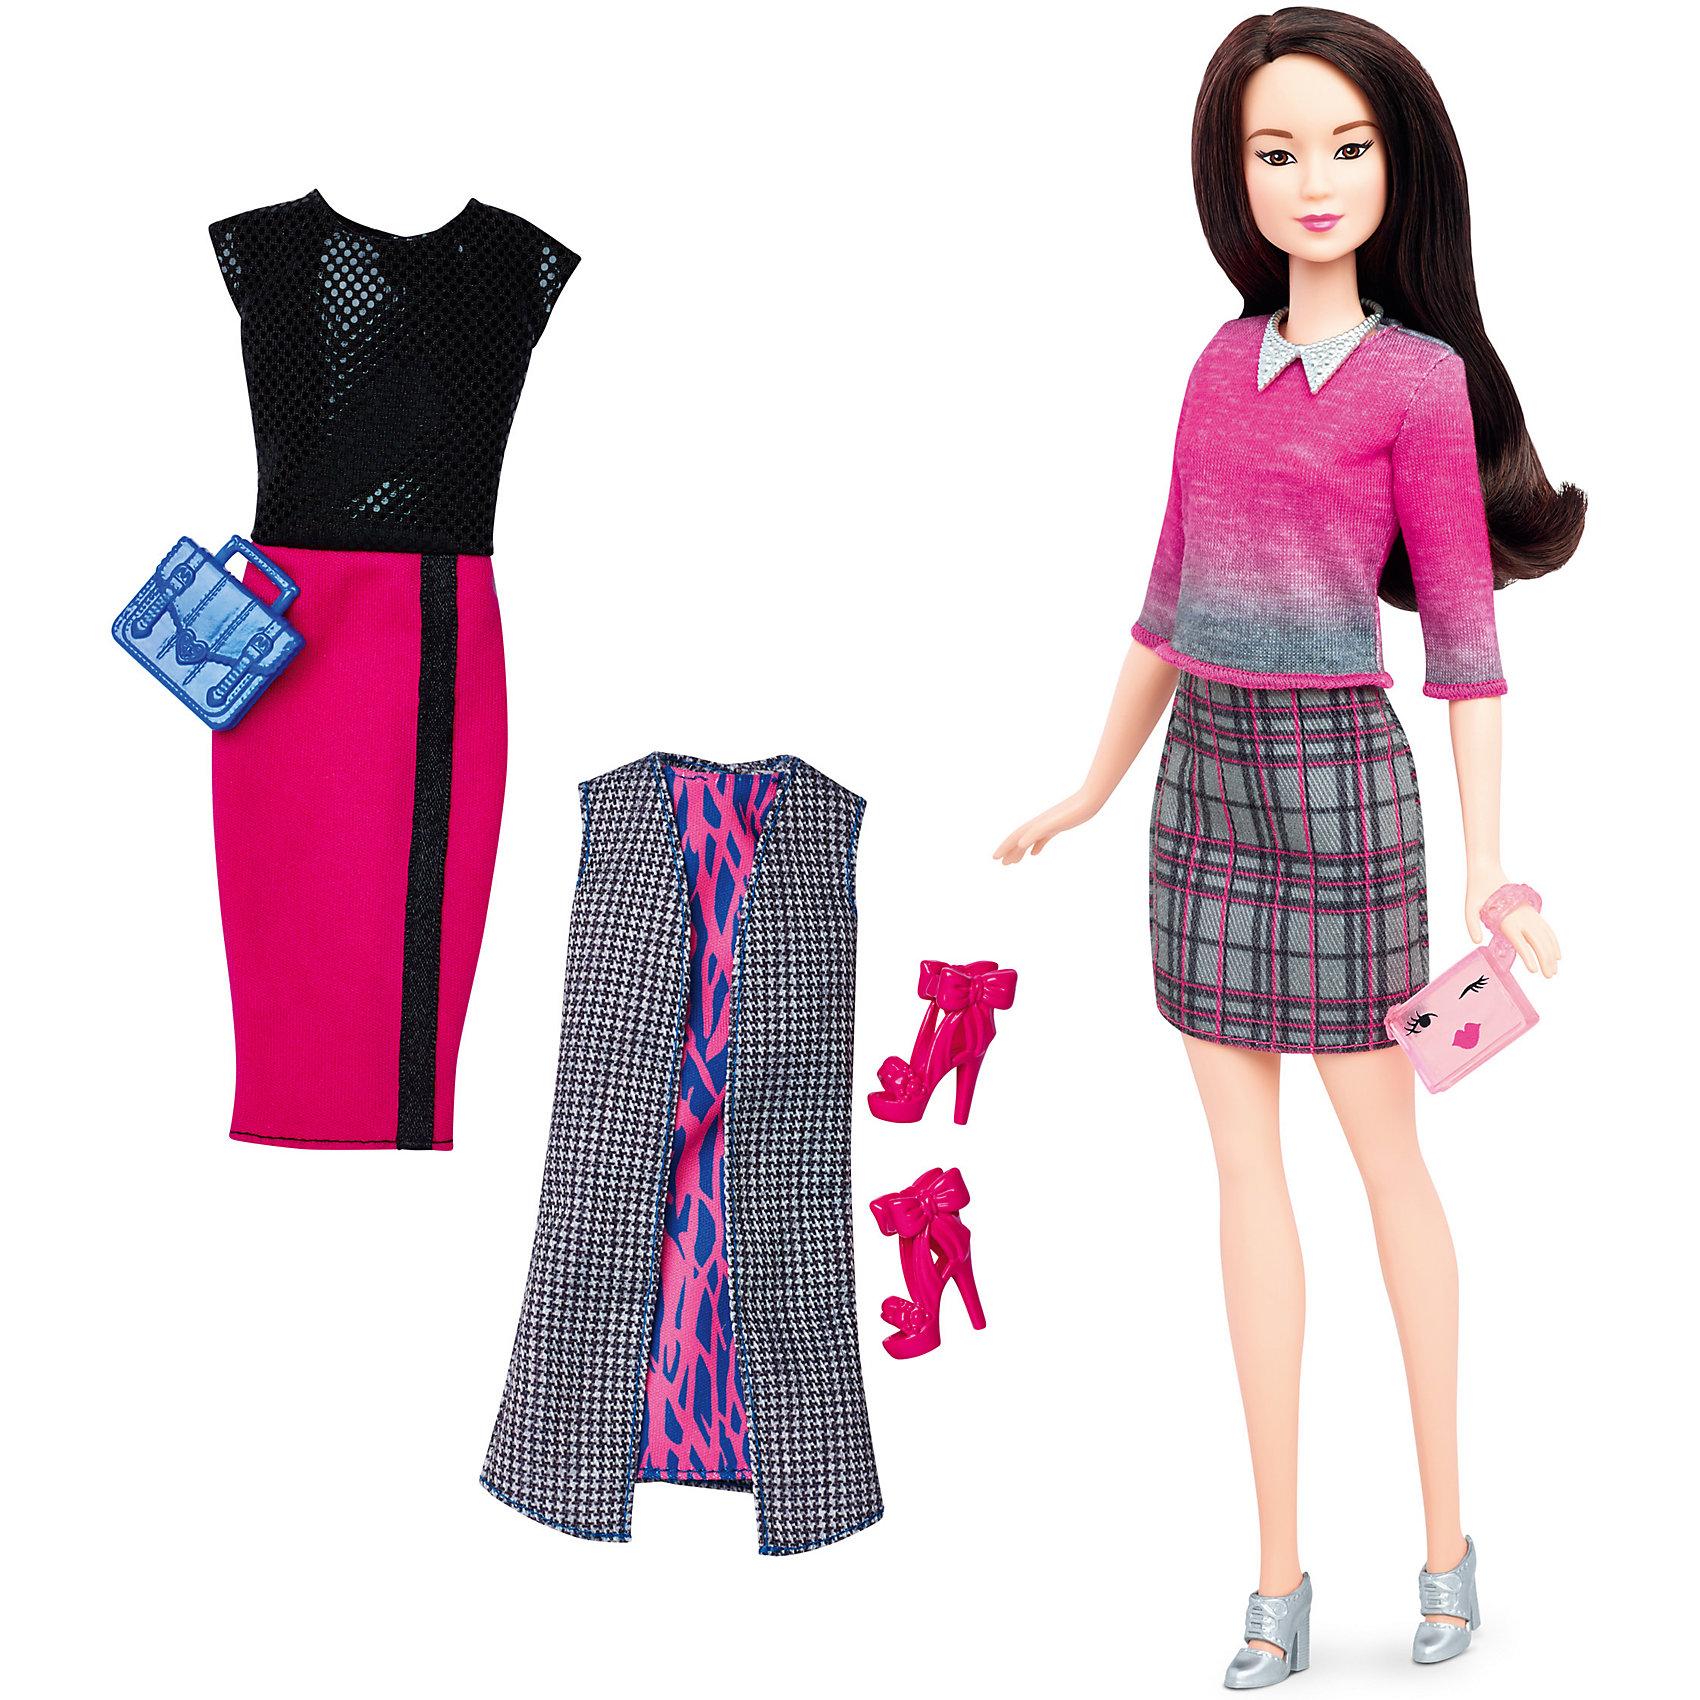 Кукла + набор одежды, BarbieКукла + набор одежды, Barbie - потрясающая игрушка от компании Mattel.<br>Такая куколка непременно привлечет внимание Вашей девочки.  Красавица Барби имеет светлую кожу и длинные прямые волосы каштанового цвета, которые так легко расчесывать и укладывать в разные прически. В наборе представлен повседневный образ в виде клетчатой юбки - карандаш и ярким свитером, романтичный - малиновое платье с длинным жакетом и вечерний - платье с яркой юбкой и верхом в пайетках.  Голова и конечности игрушки подвижны, благодаря чему она может принимать различные позы. Изделие выполнено из высококачественных материалов и является совершенно безопасным для здоровья ребенка.<br>Порадуйте свою девочку таким подарком - Кукла + набор одежды, Barbie!<br> В набор входит:<br>•  кукла;<br>• платье;<br>• 2 сумки, 2 пары обуви;<br>• Два комплекта одежды.<br><br>Дополнительная информация:<br>• Материал: текстиль, пластик.<br>• Высота куклы 29 см.<br>• Размер упаковки: 25.5 x32,5x6 см.<br><br>Кукла + набор одежды, Barbie можно купить в нашем интернет- магазине.<br><br>Ширина мм: 60<br>Глубина мм: 255<br>Высота мм: 325<br>Вес г: 356<br>Возраст от месяцев: 36<br>Возраст до месяцев: 120<br>Пол: Женский<br>Возраст: Детский<br>SKU: 4865296